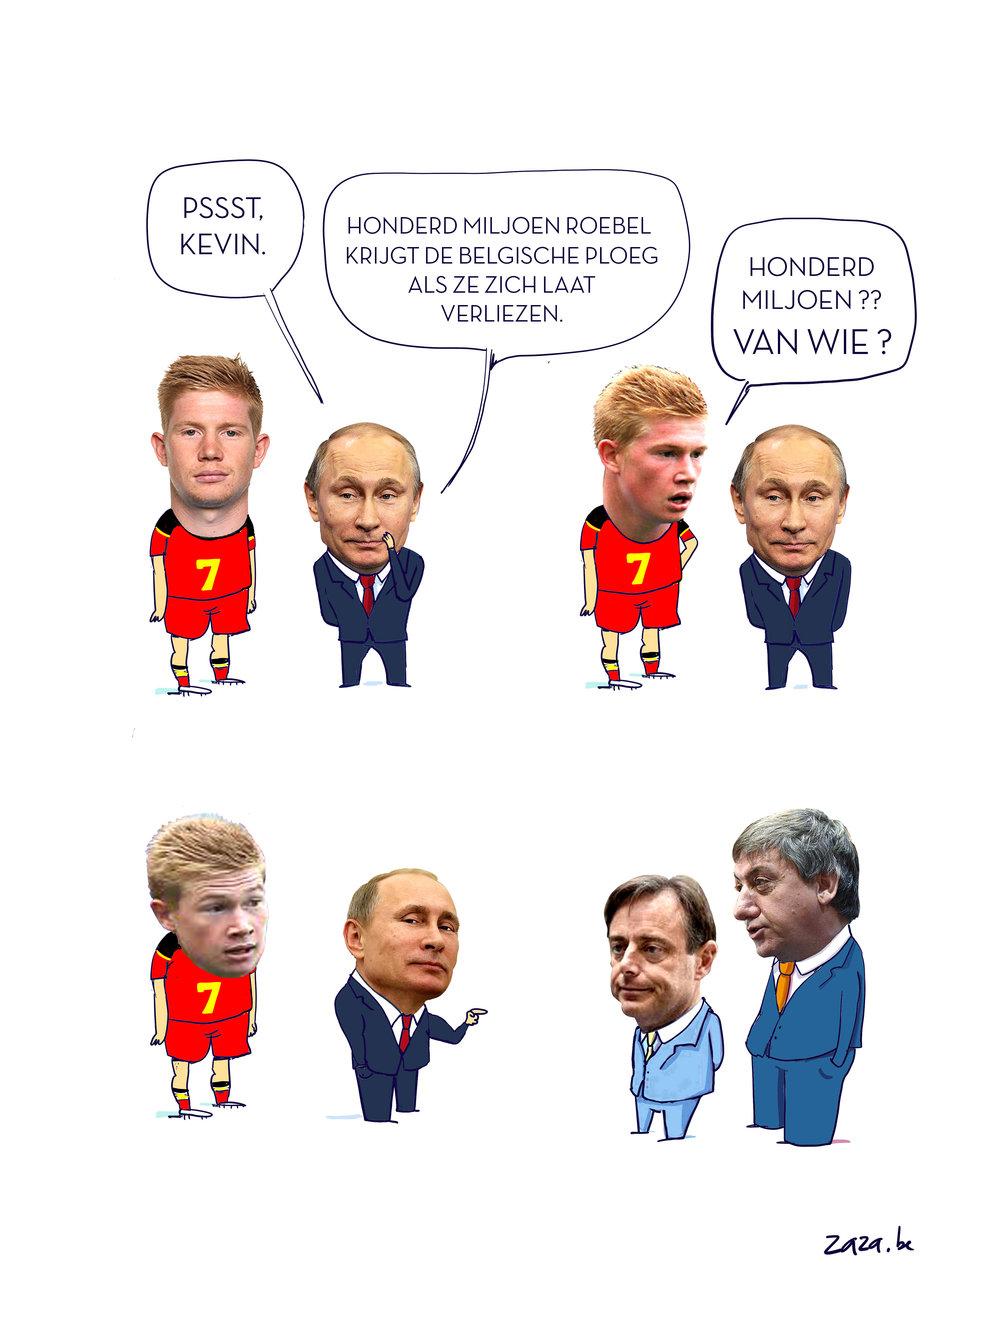 belgen laten verliezen nva.jpg